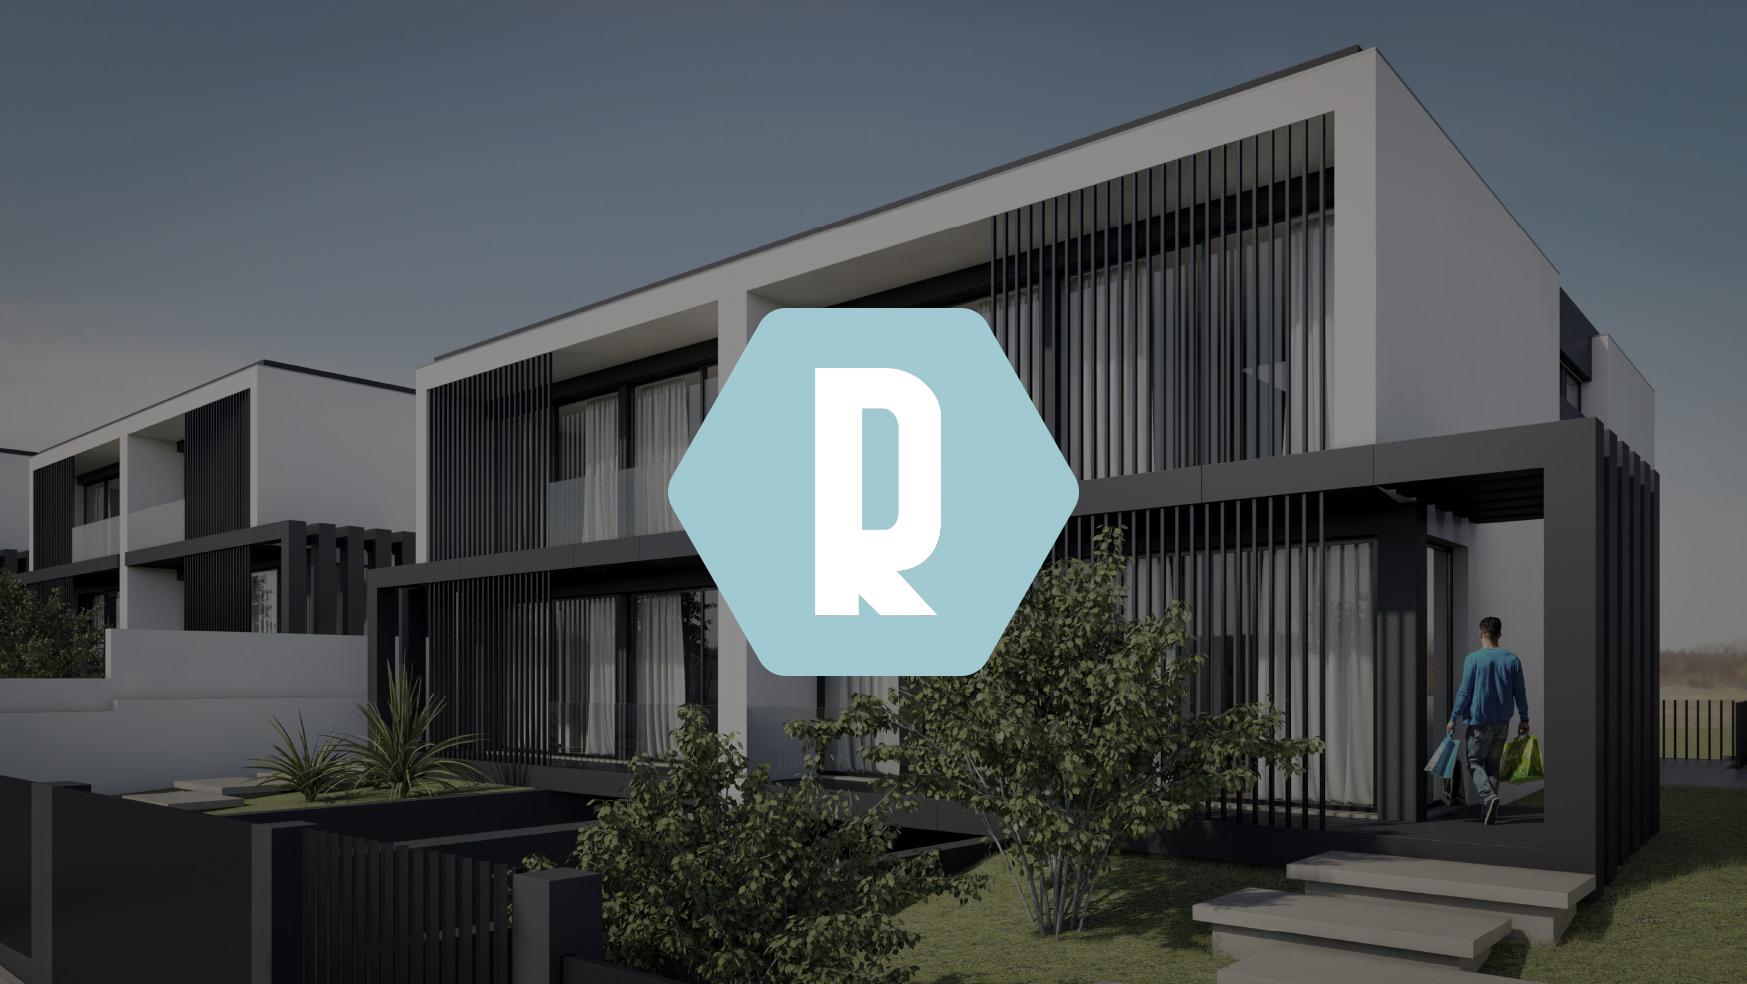 joane residences Web design